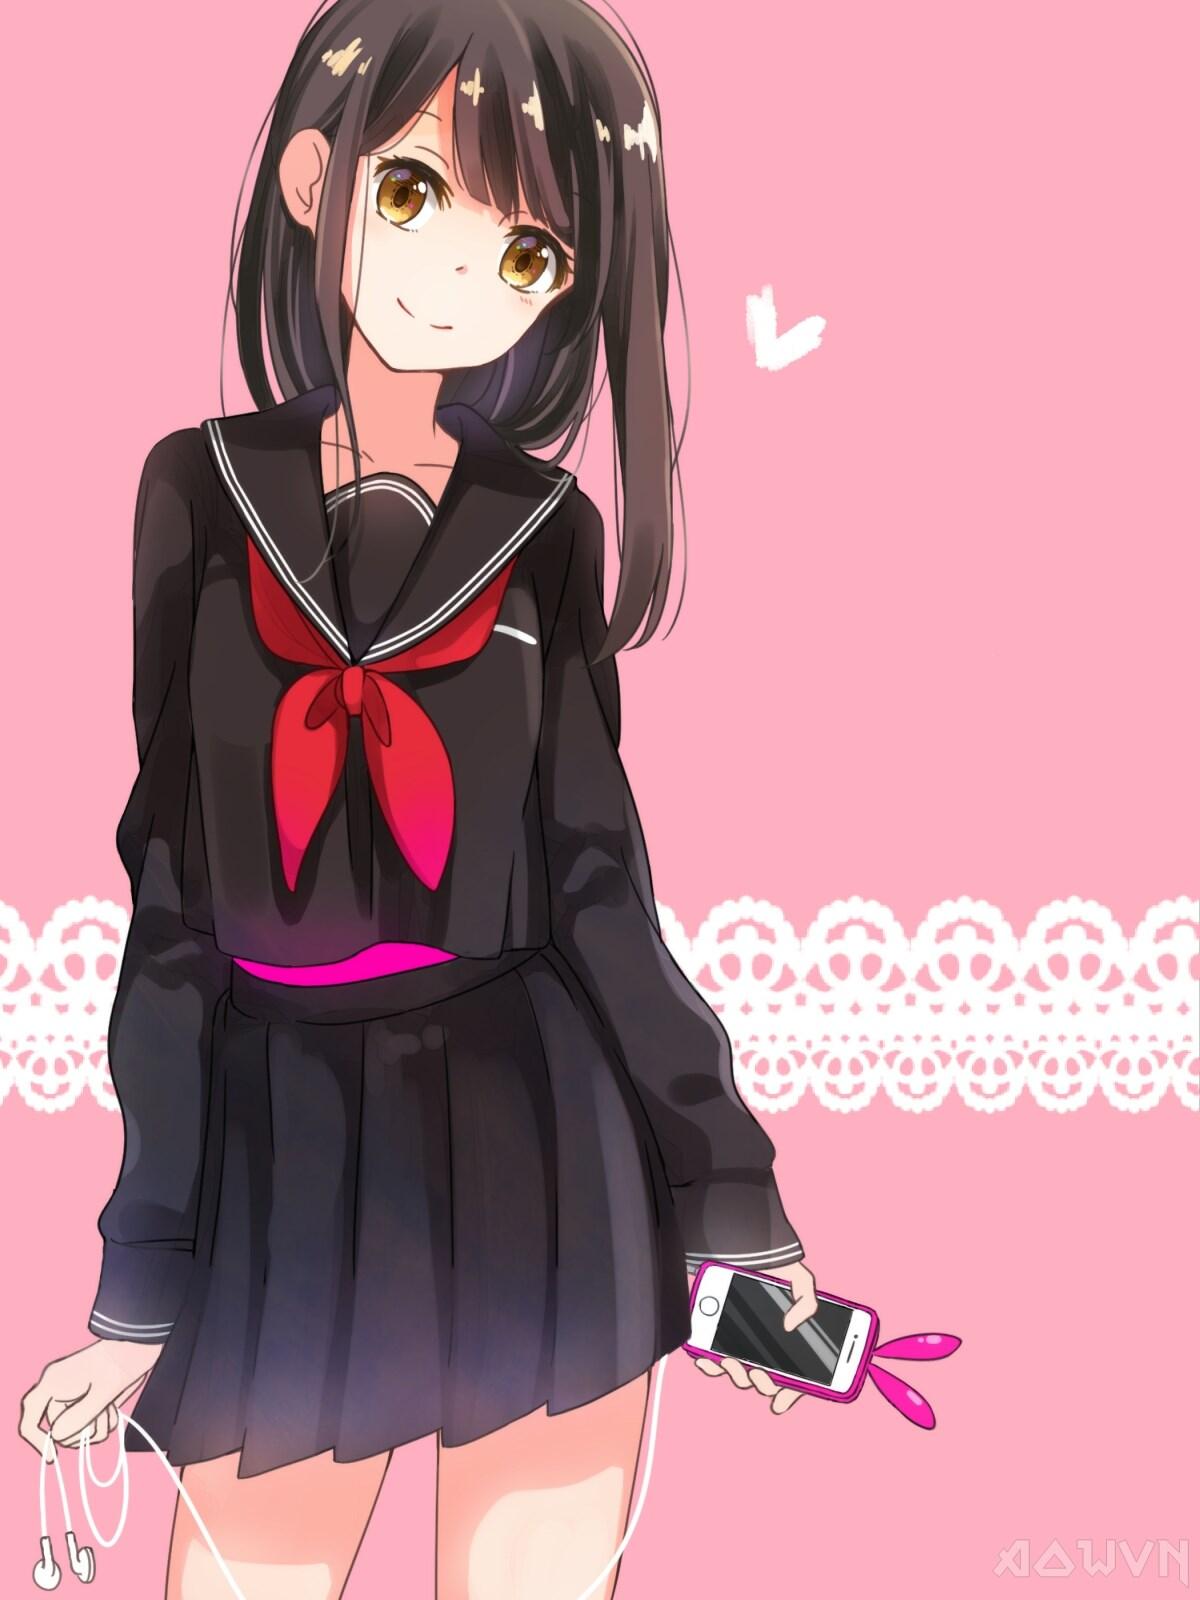 32 AowVN.org m - [ Hình Nền ] Anime cho điện thoại cực đẹp , cực độc | Wallpaper